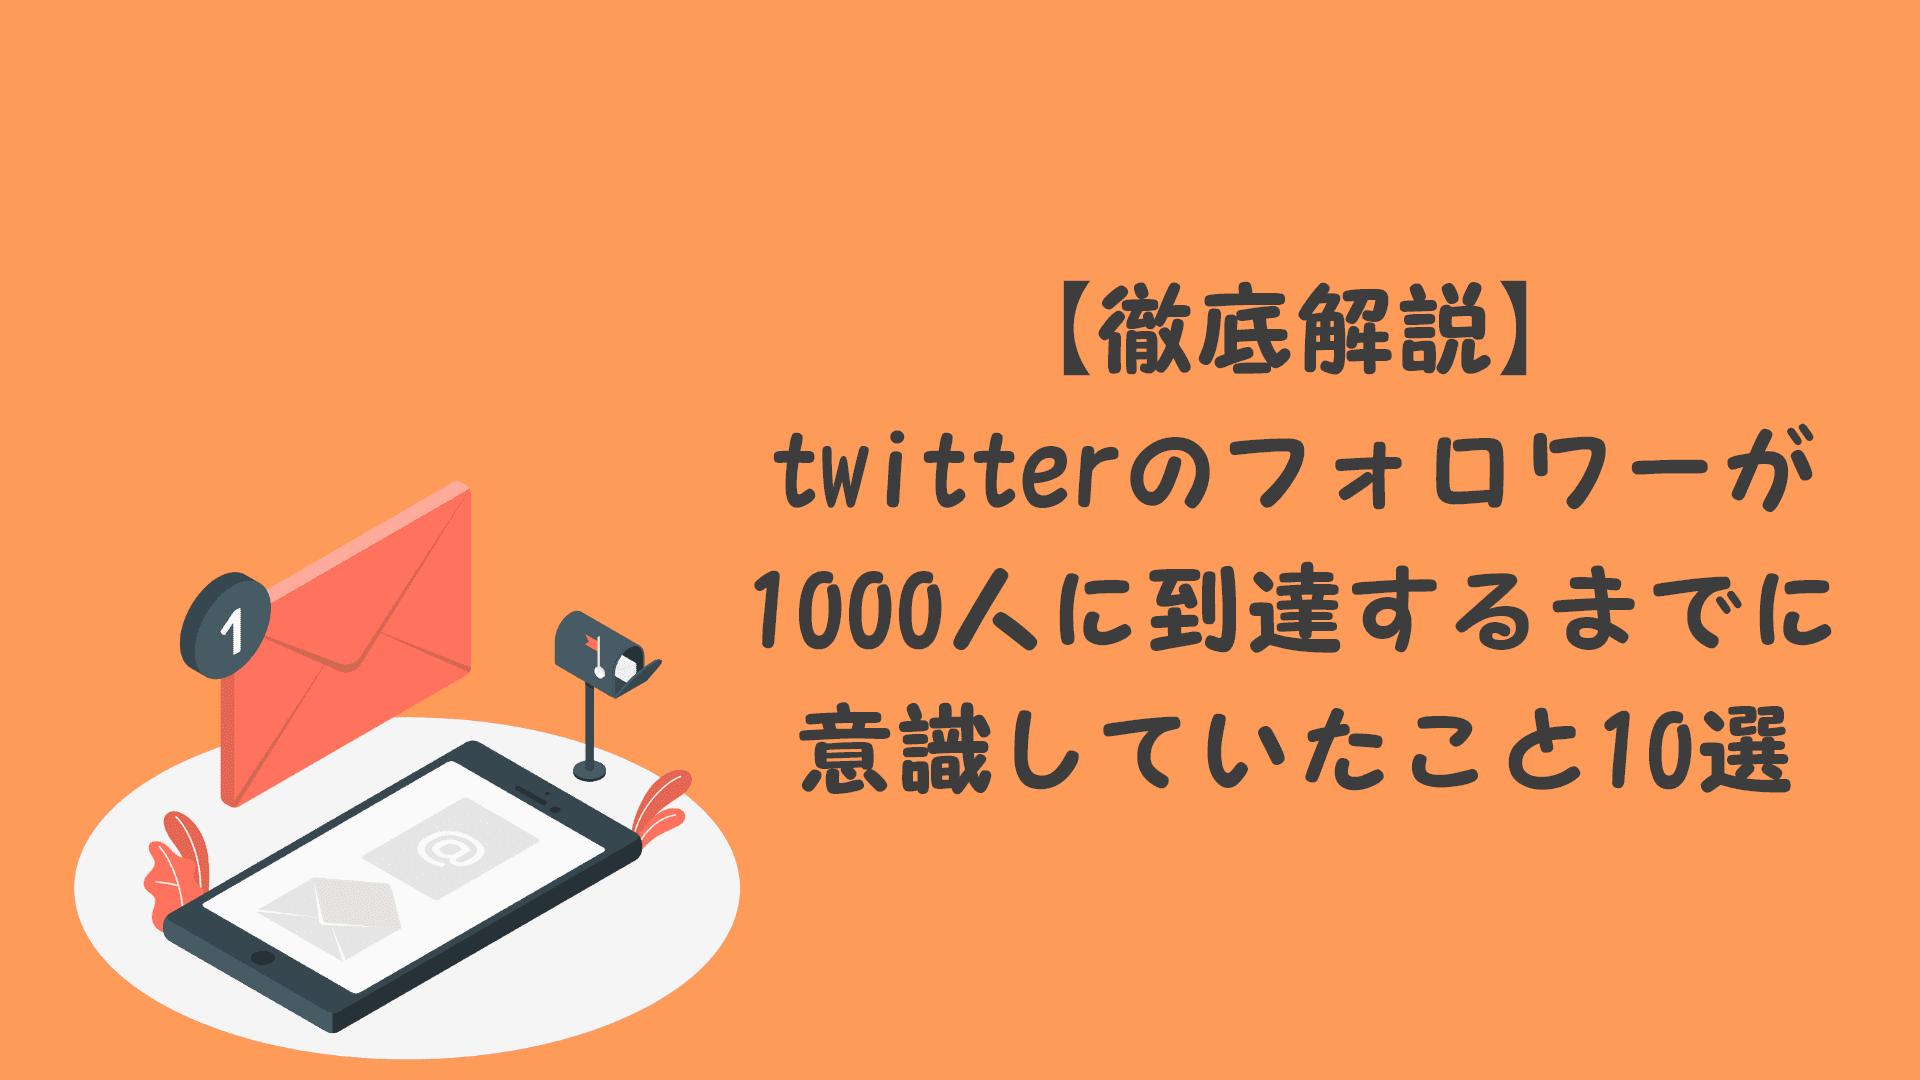 【徹底解説】twitterのフォロワーが1000人に到達するまでに意識していたこと10選